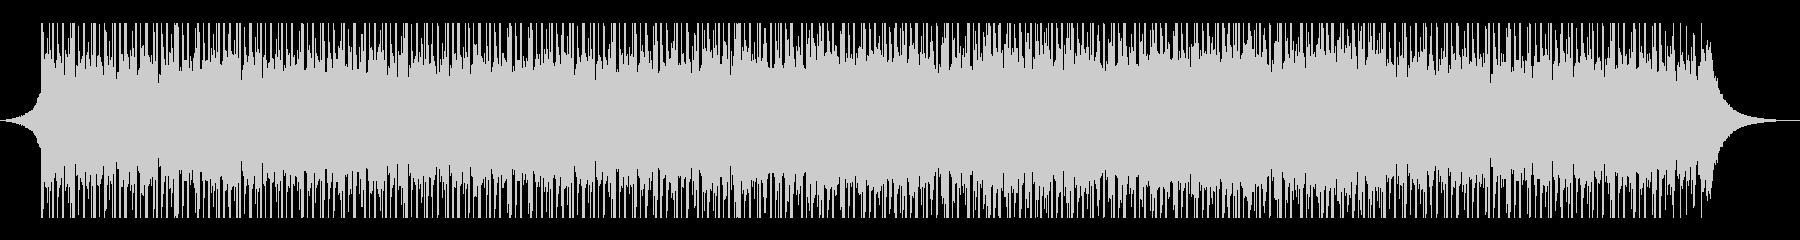 オンラインマーケティング(90秒)の未再生の波形